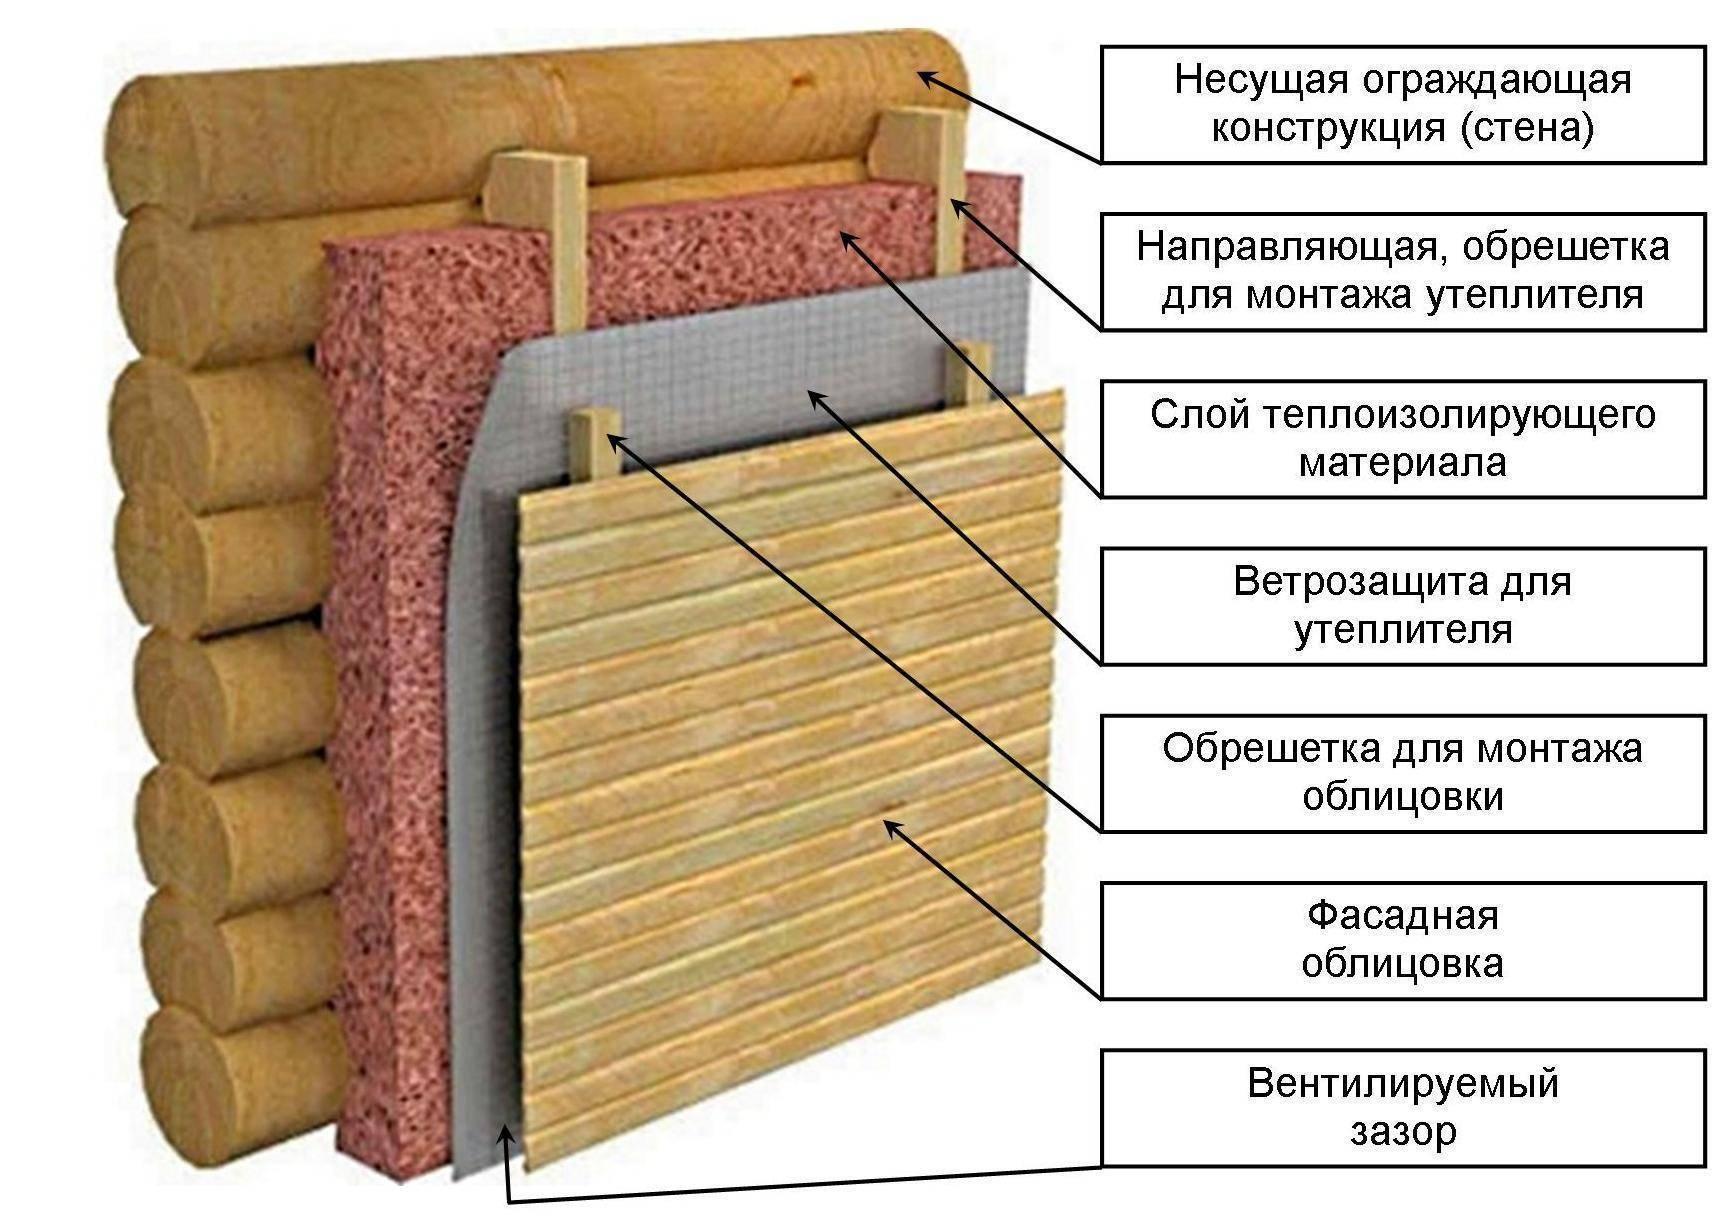 Нужна ли пароизоляция при утеплении минватой снаружи и изнутри